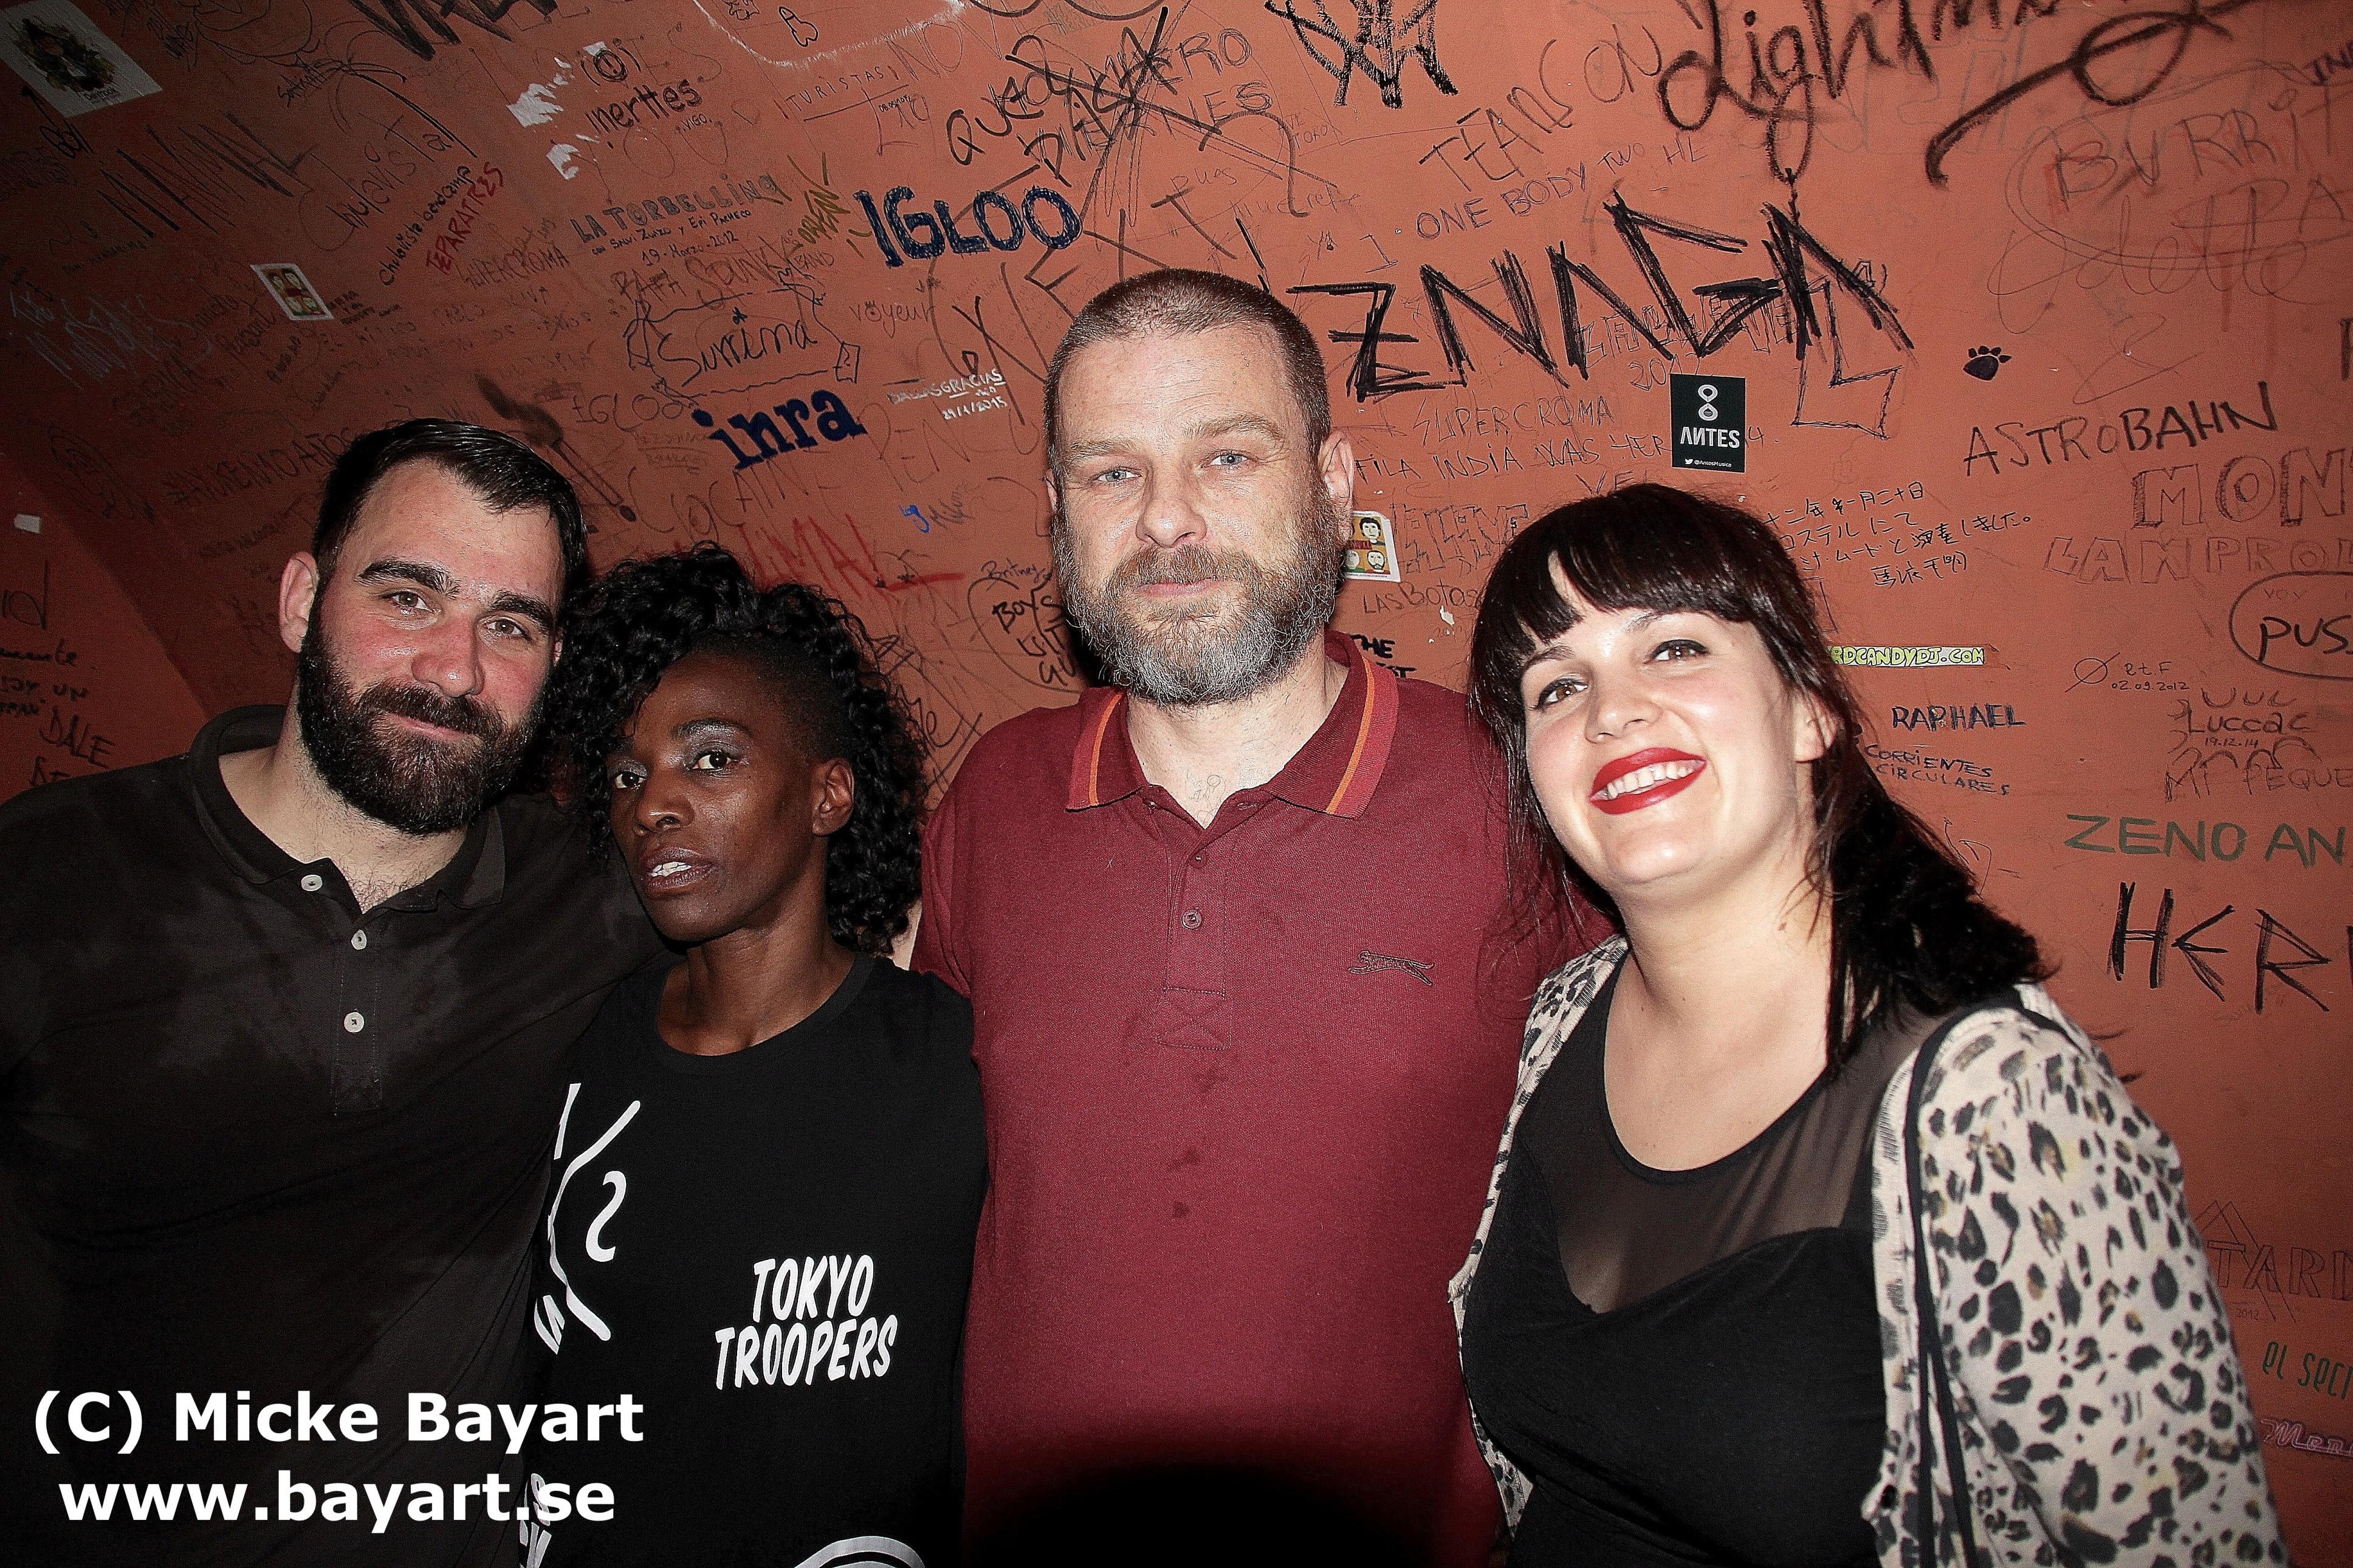 Carlos D´Orive, Dnoe laMiss, Rafa, Pilar Crespo, Madrid (June 2015).